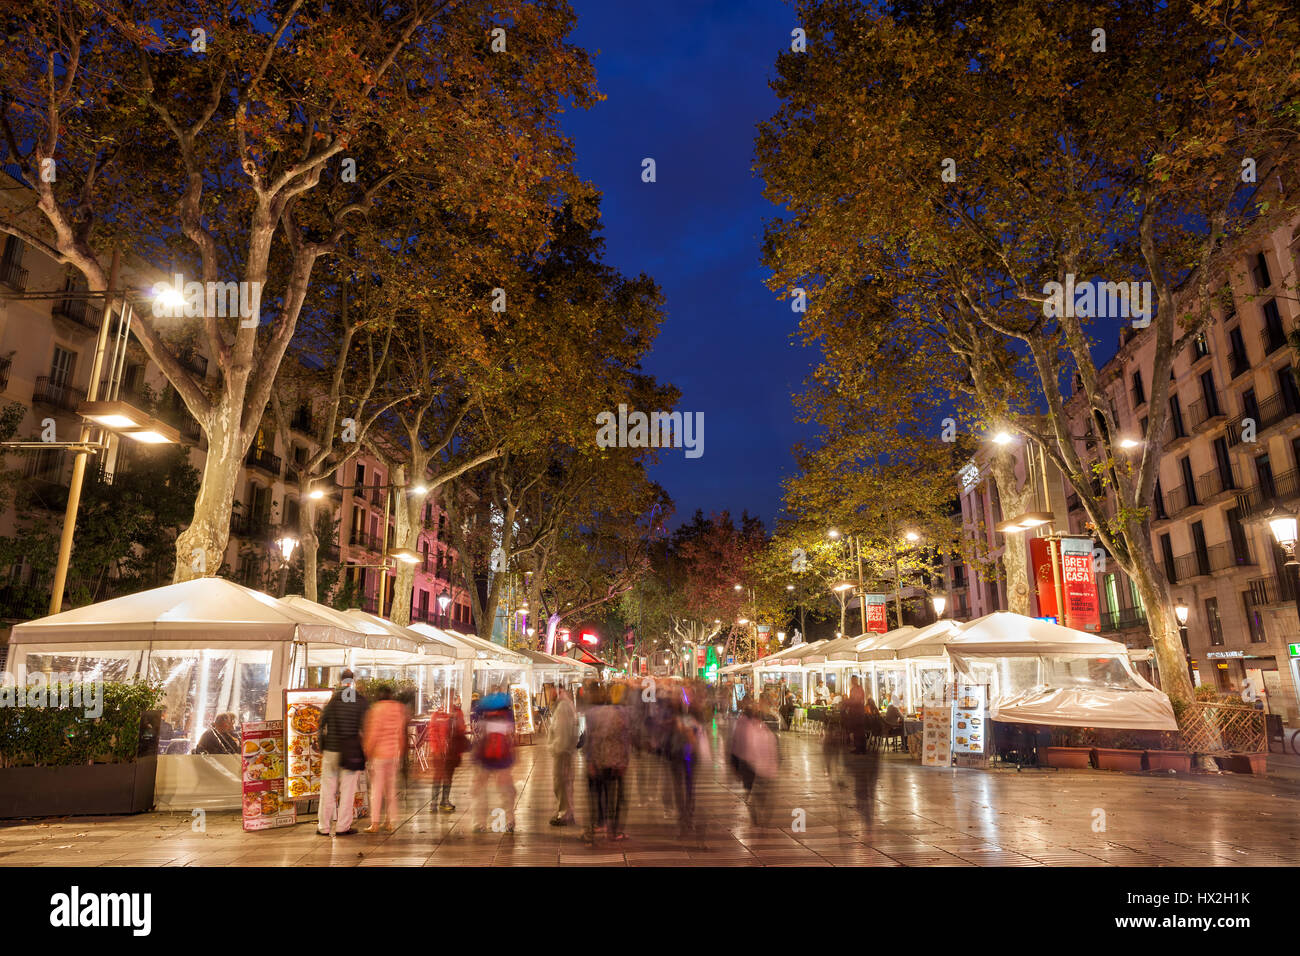 La Rambla (Las Ramblas) boulevard bordé d'arbres sorcière cafés la nuit à Barcelone, ville historique et principale rue piétonne, la promenade, la Catalogne, Espagne Banque D'Images